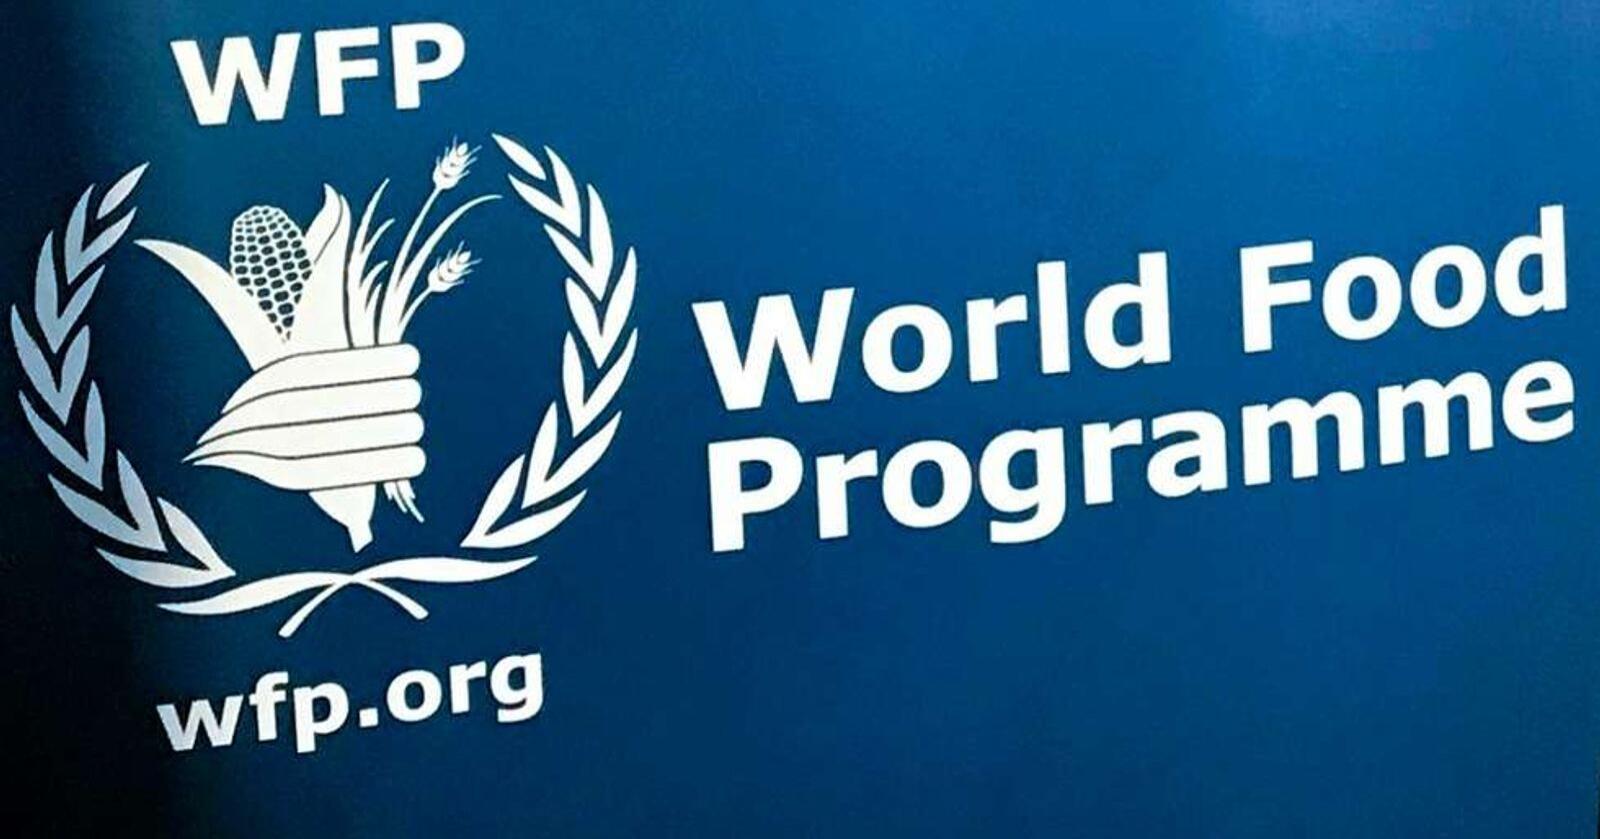 Verdens matvareprogram (WFP) er verdens største humanitære organisasjon.